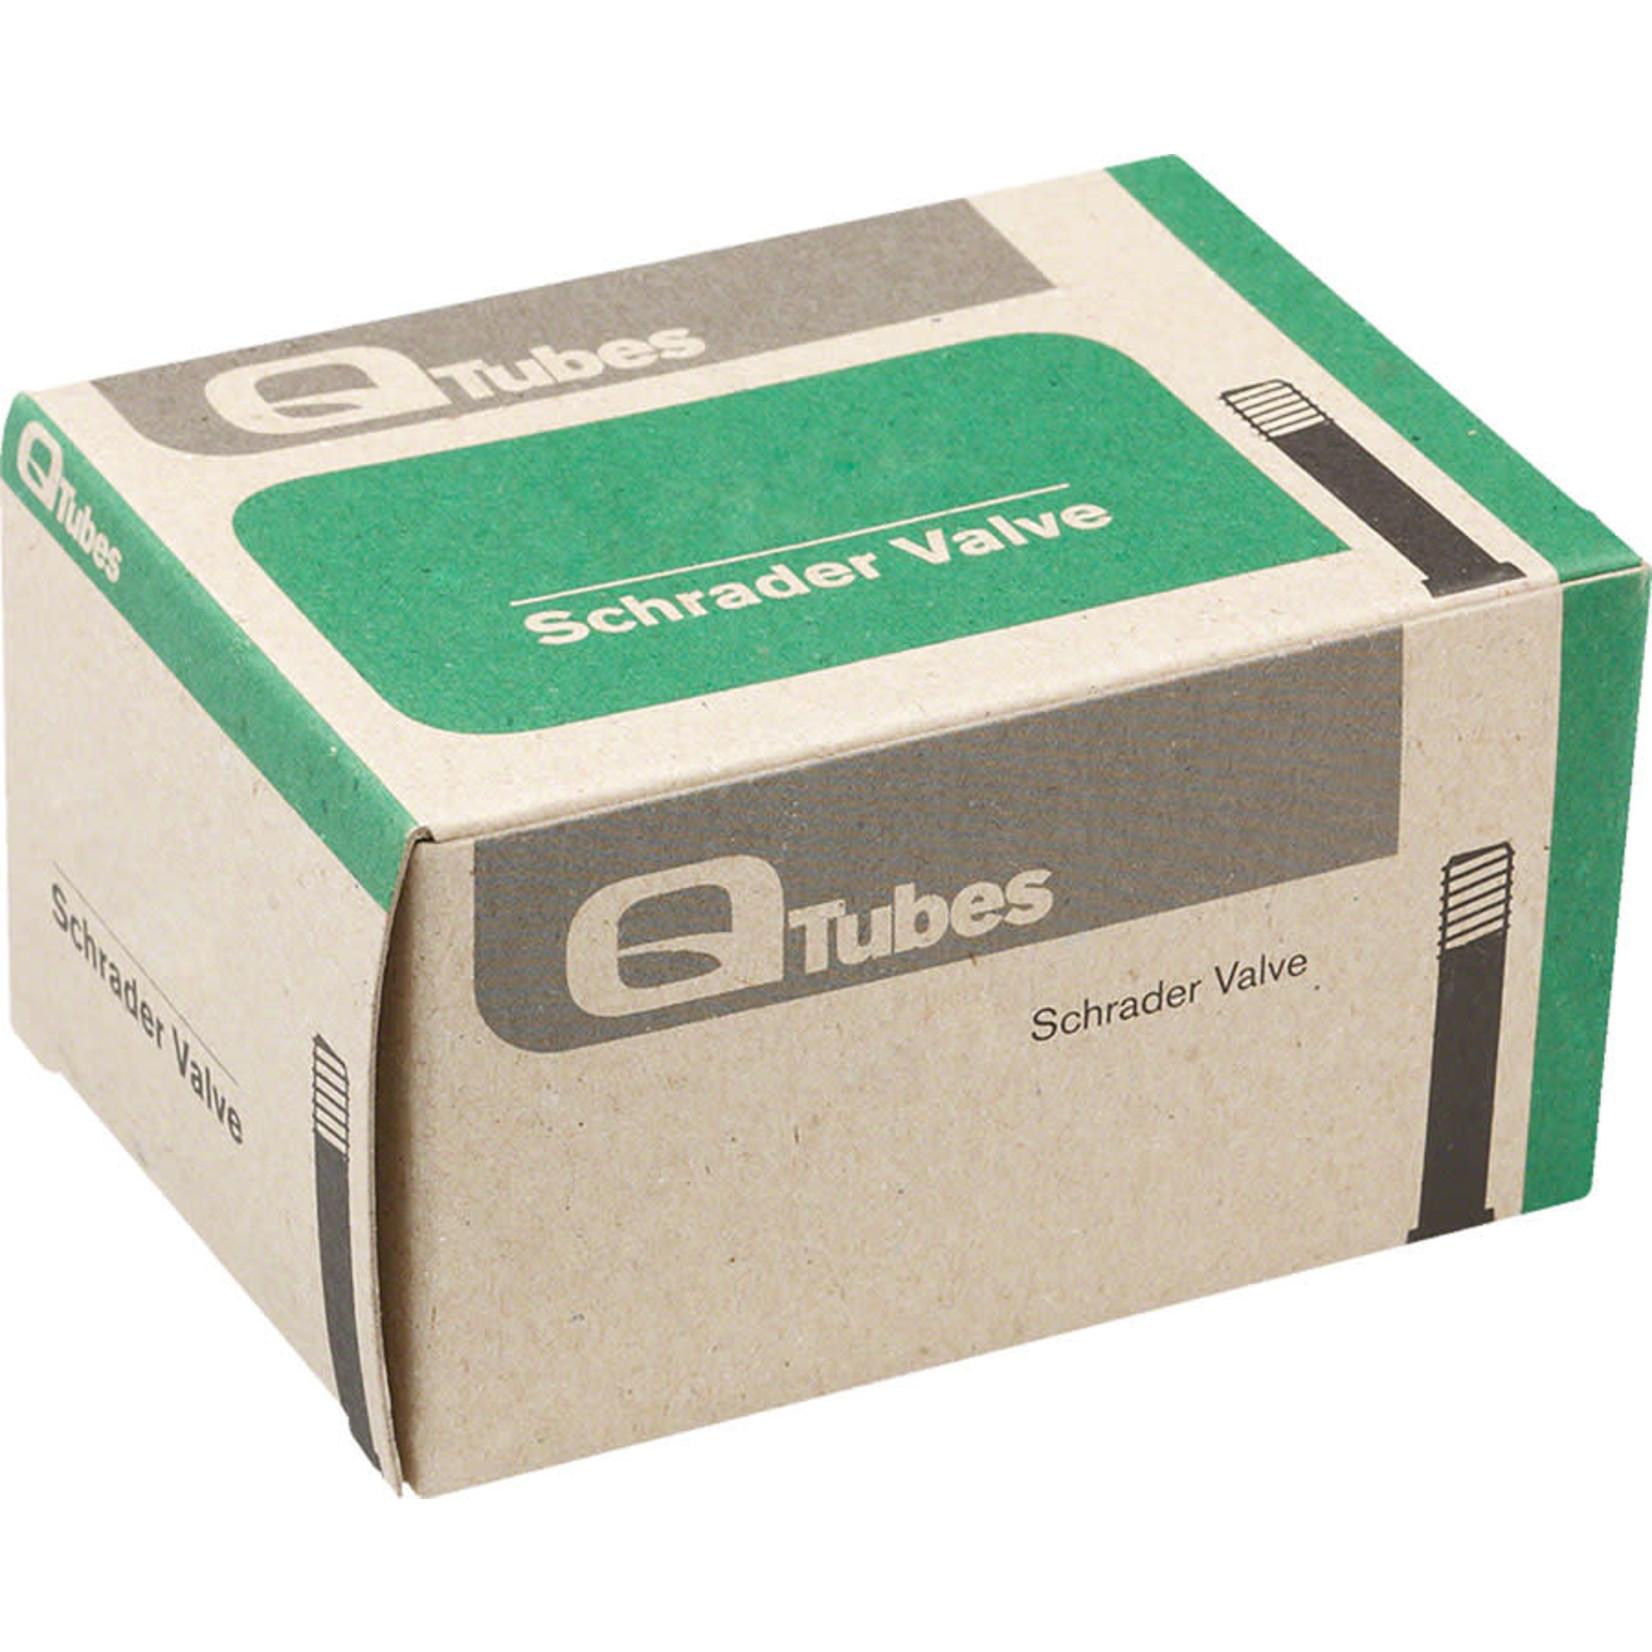 """Q-Tubes Q-Tubes 16"""" x 1.25-1.5"""" Schrader Valve Tube 76g *Low Lead Valve*"""